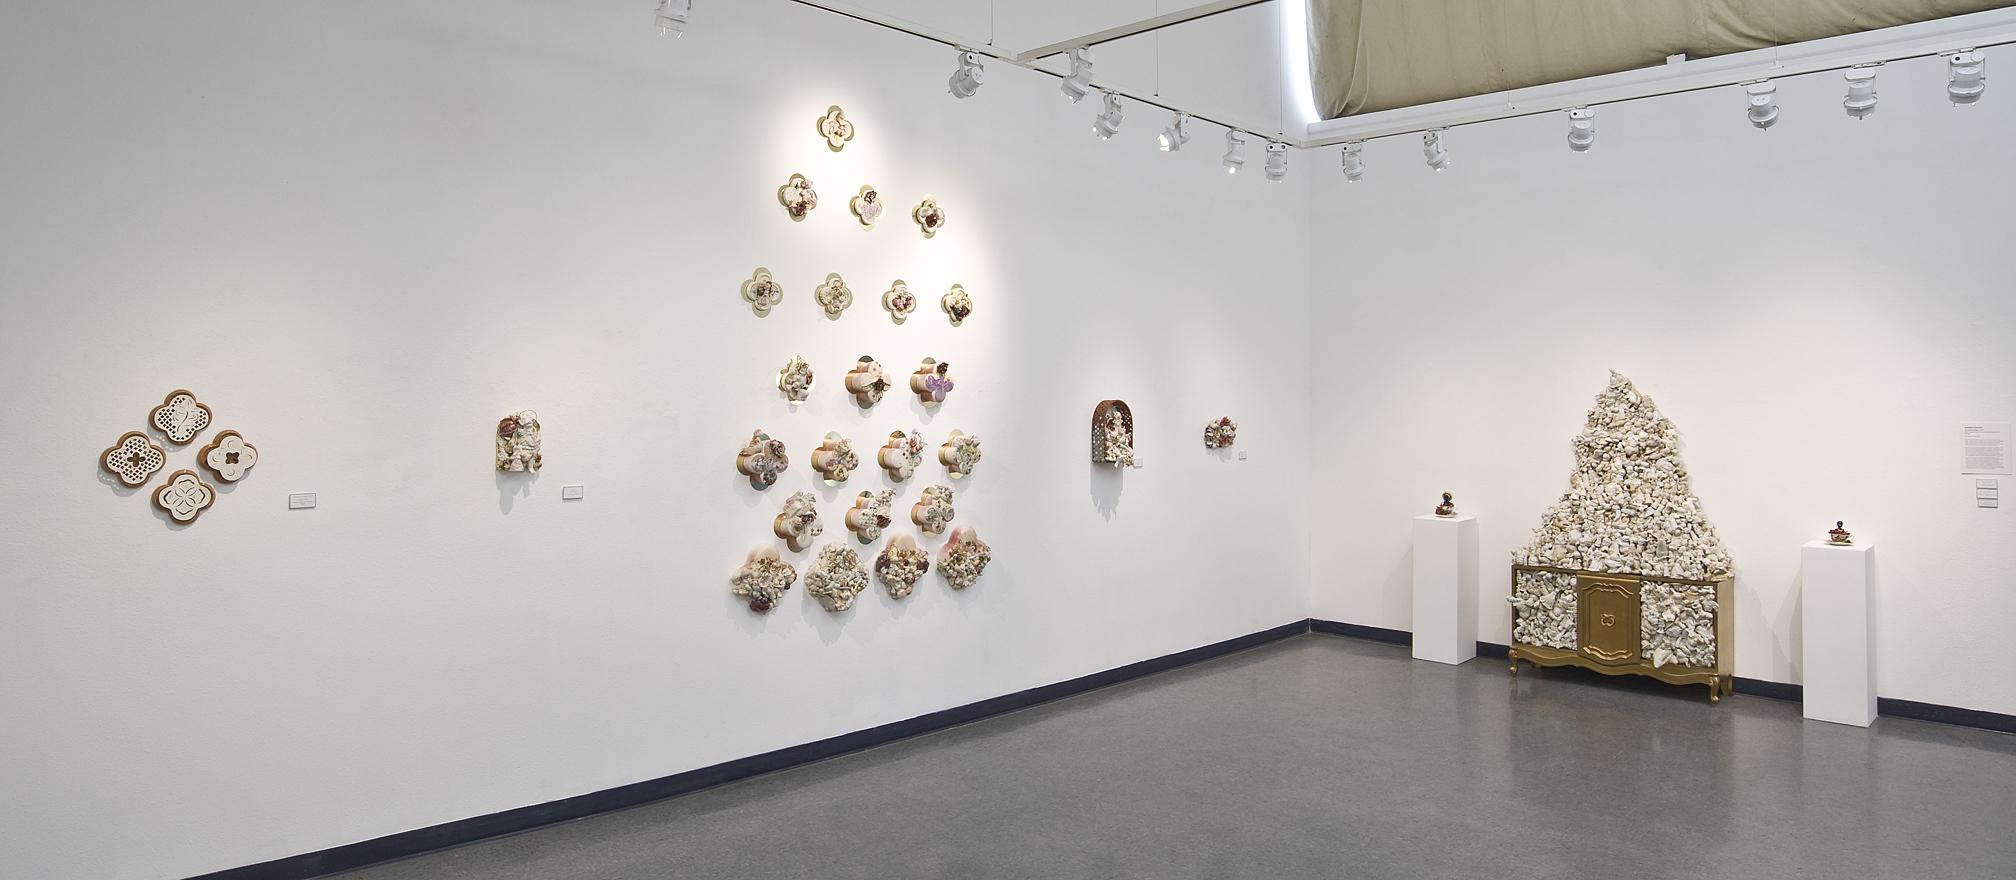 Kaneko Gallery Solo Exhibition